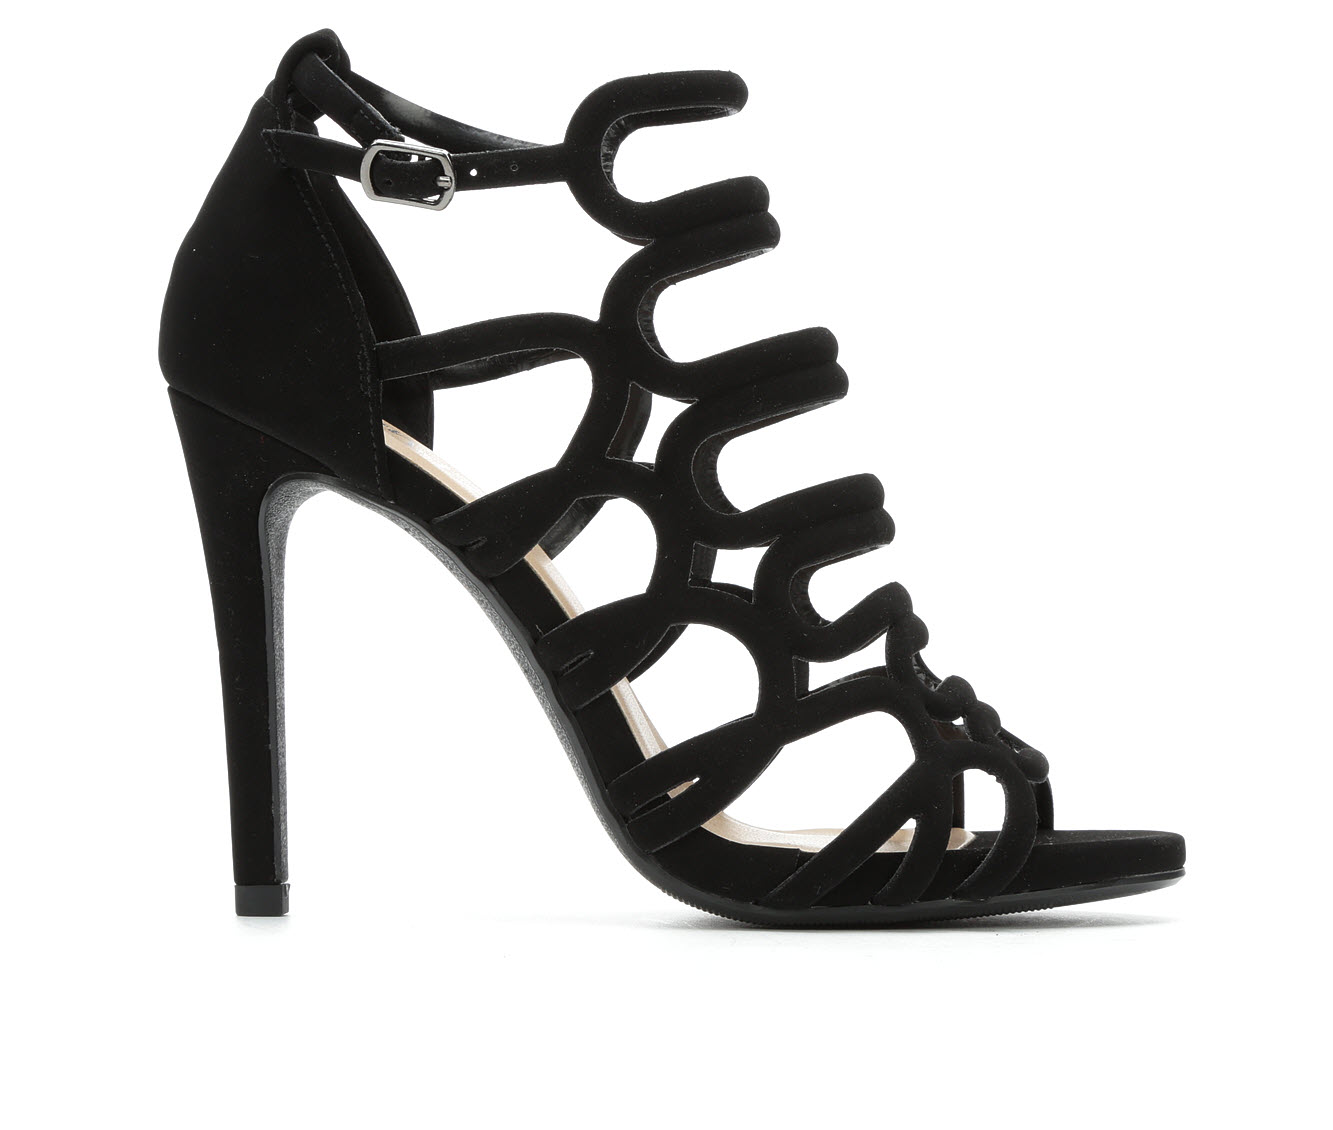 Y-Not London Women's Dress Shoe (Black Faux Leather)